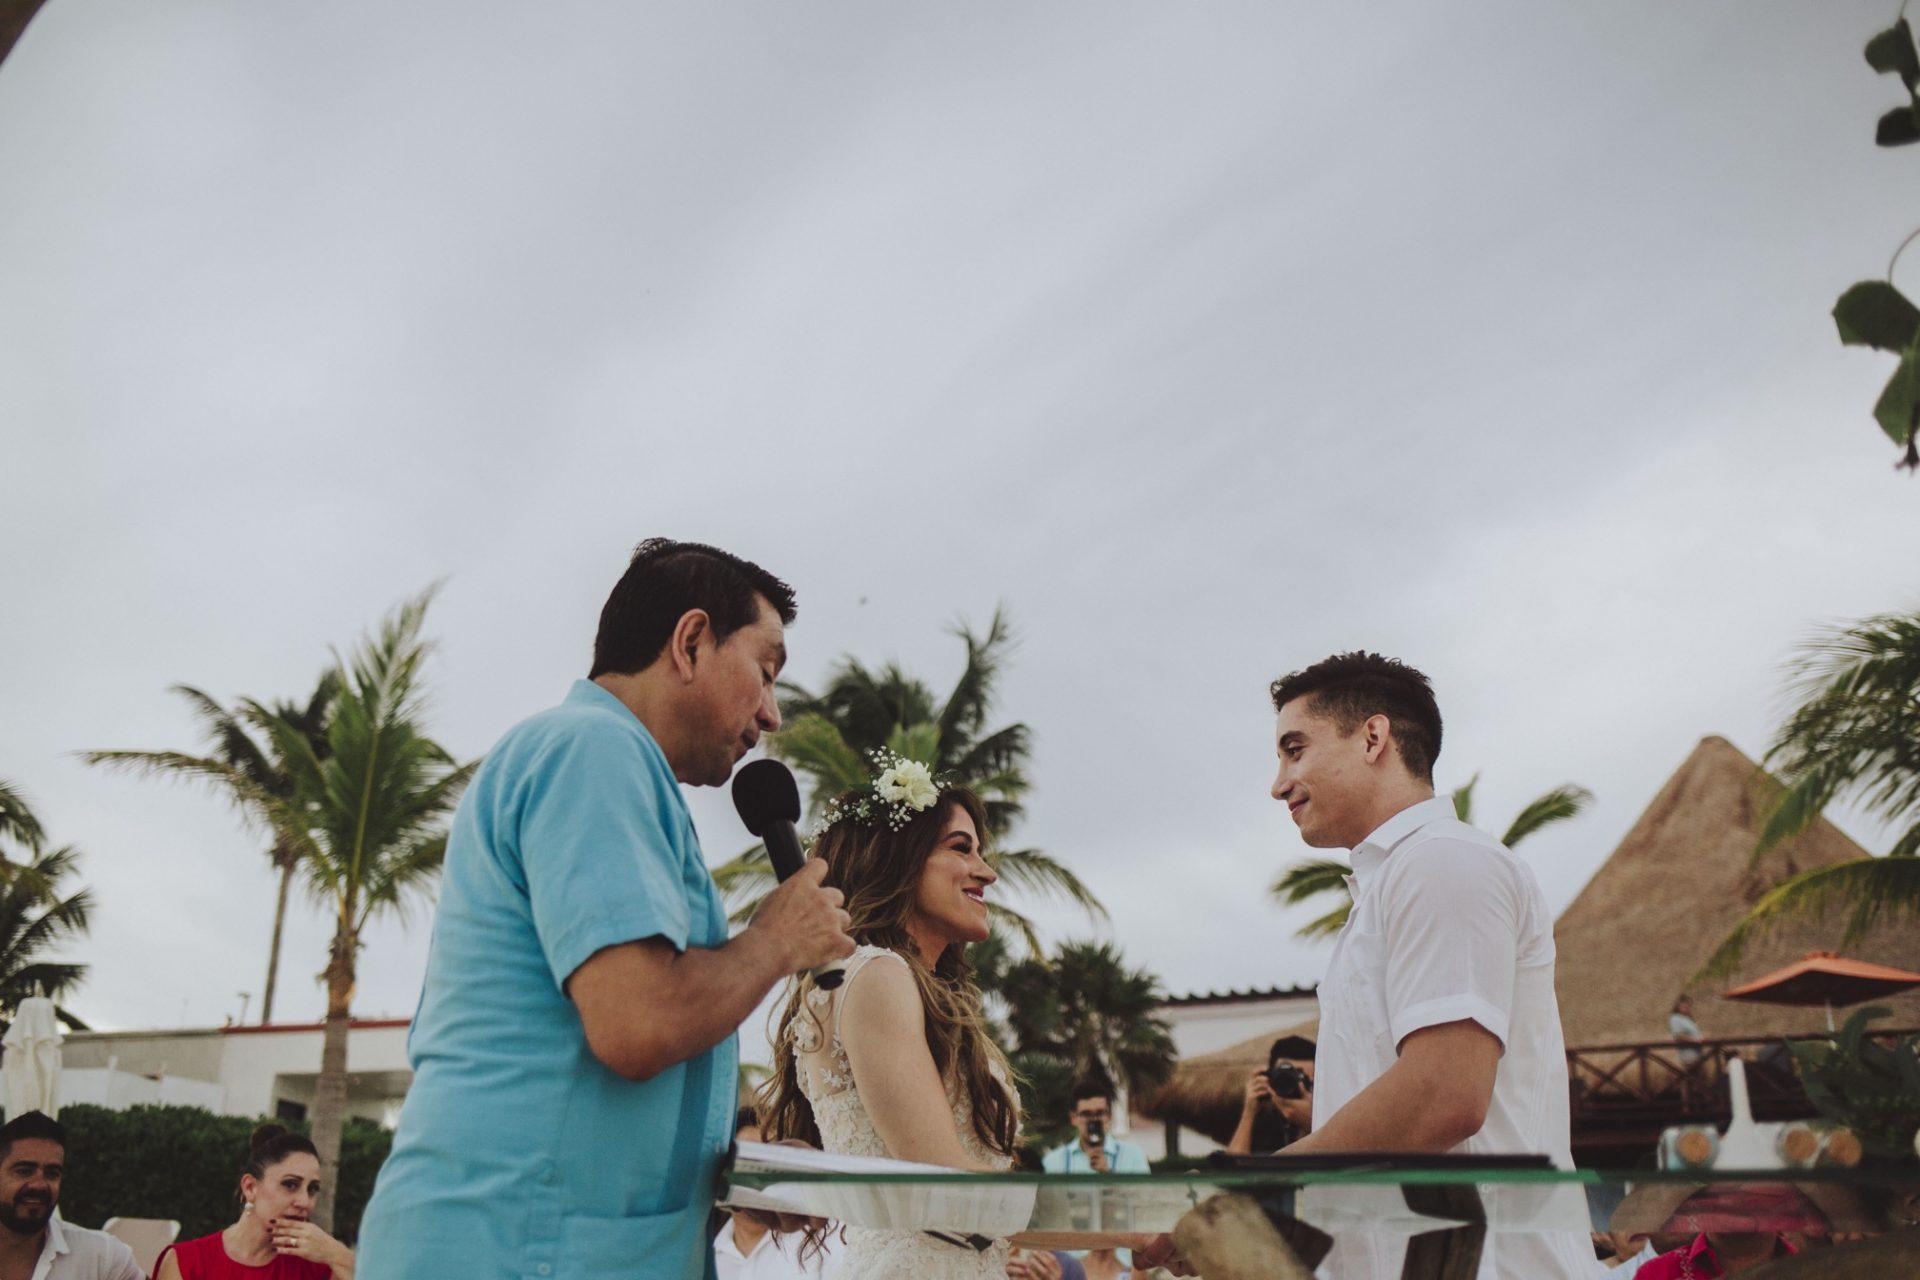 fotografo_bodas_profesional_zacatecas_riviera_maya_cancun-50